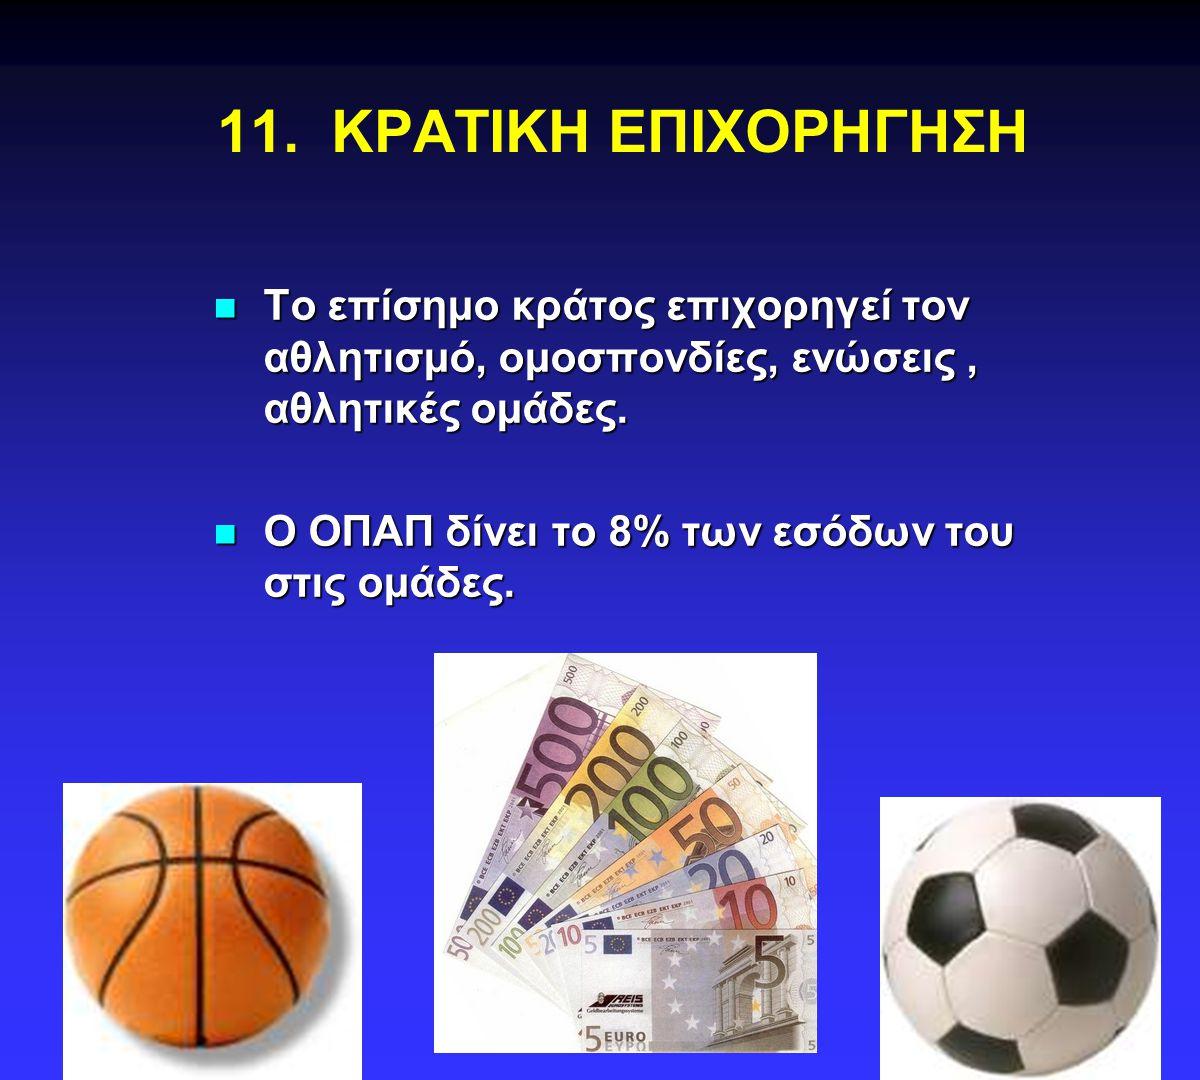 11. ΚΡΑΤΙΚΗ ΕΠΙΧΟΡΗΓΗΣΗ Το επίσημο κράτος επιχορηγεί τον αθλητισμό, ομοσπονδίες, ενώσεις, αθλητικές ομάδες. Το επίσημο κράτος επιχορηγεί τον αθλητισμό